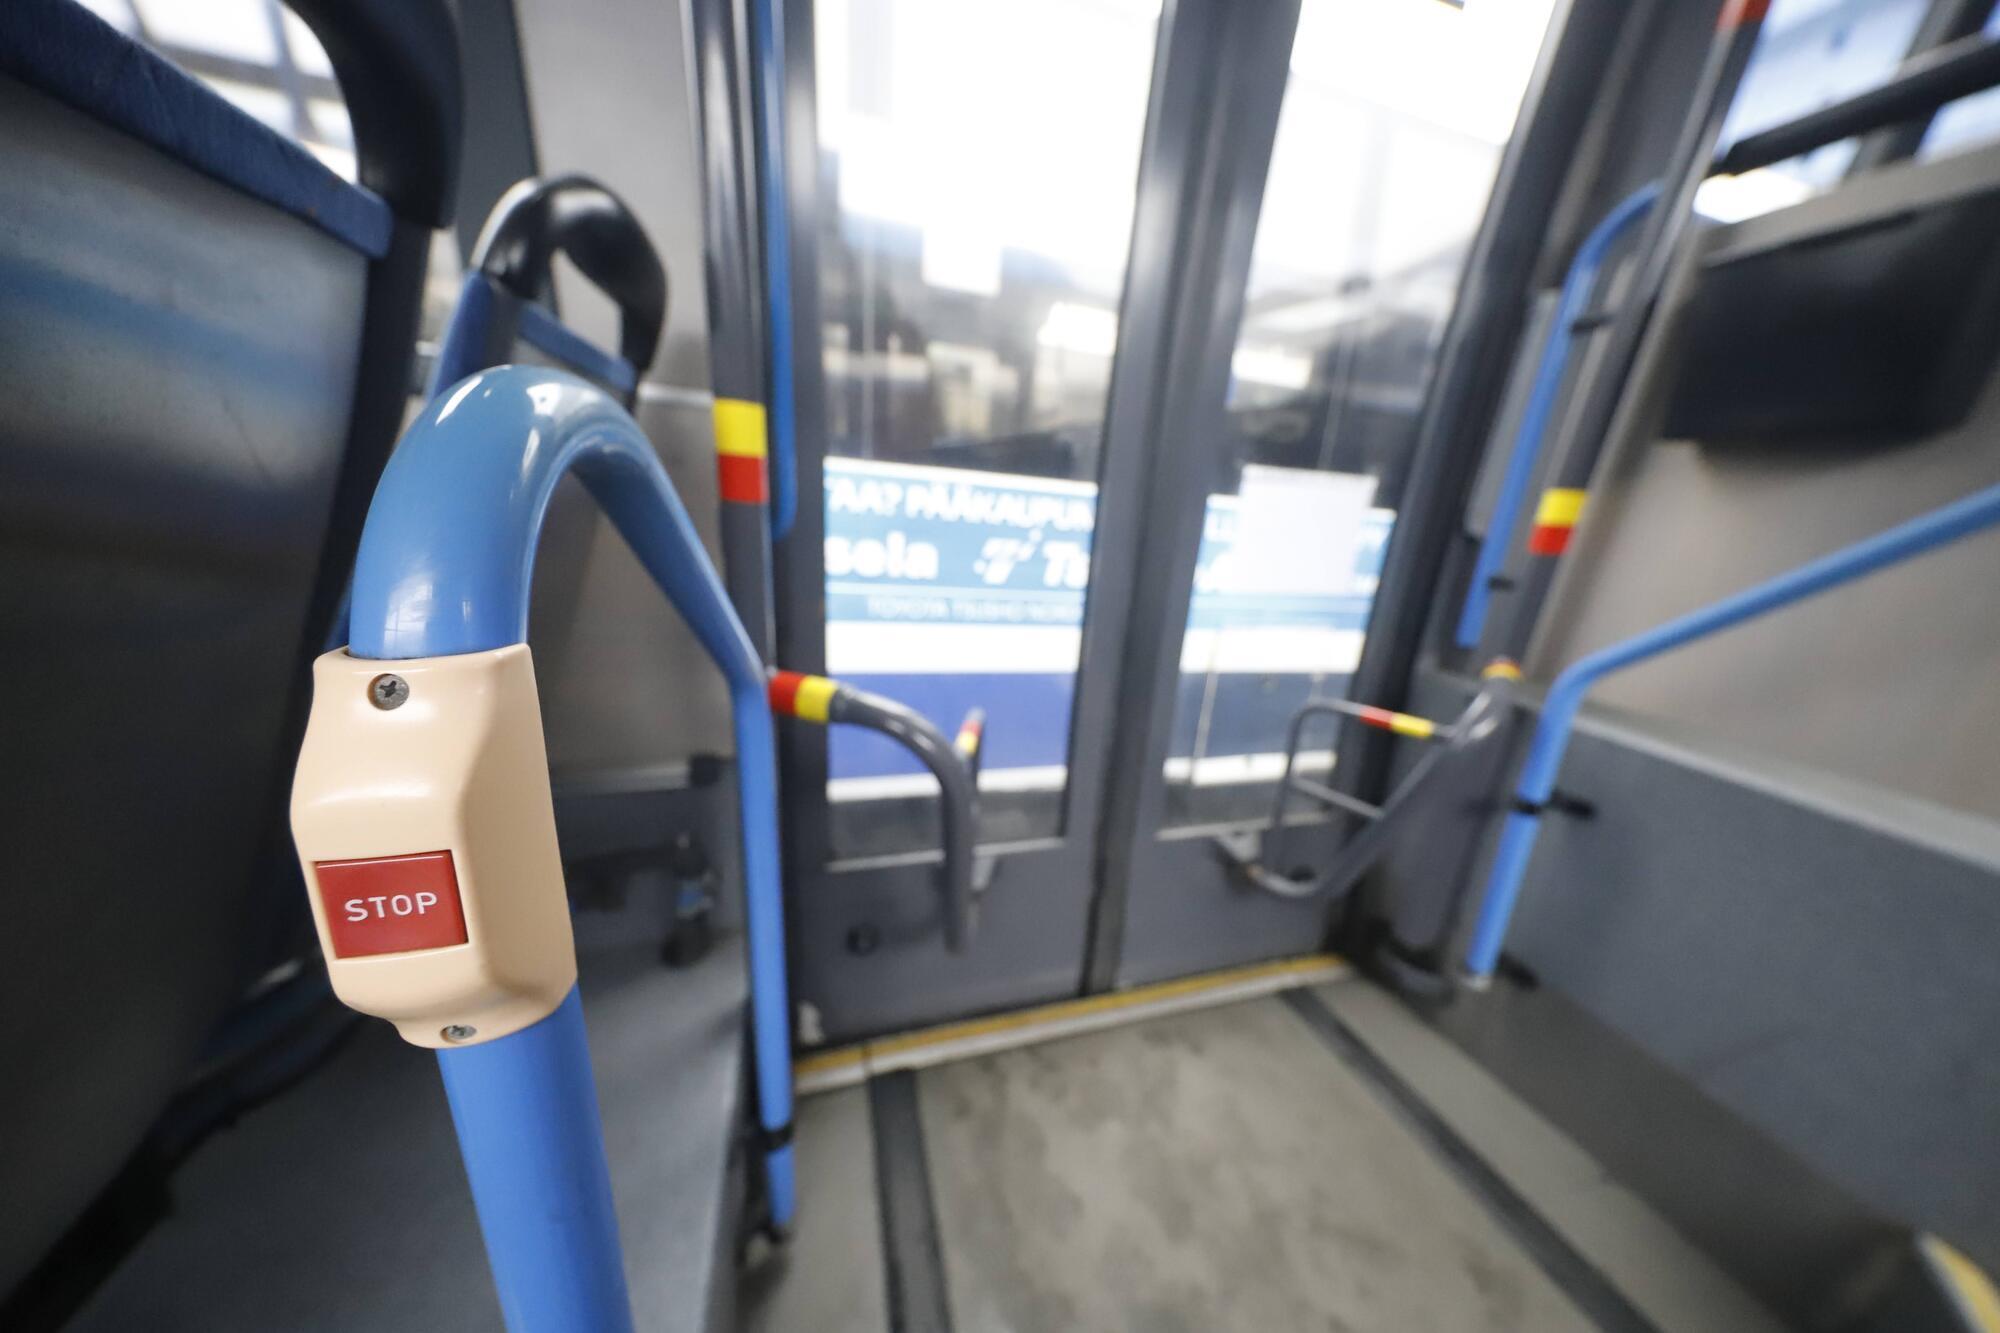 Водитель заверил, что в автобусе комфортно